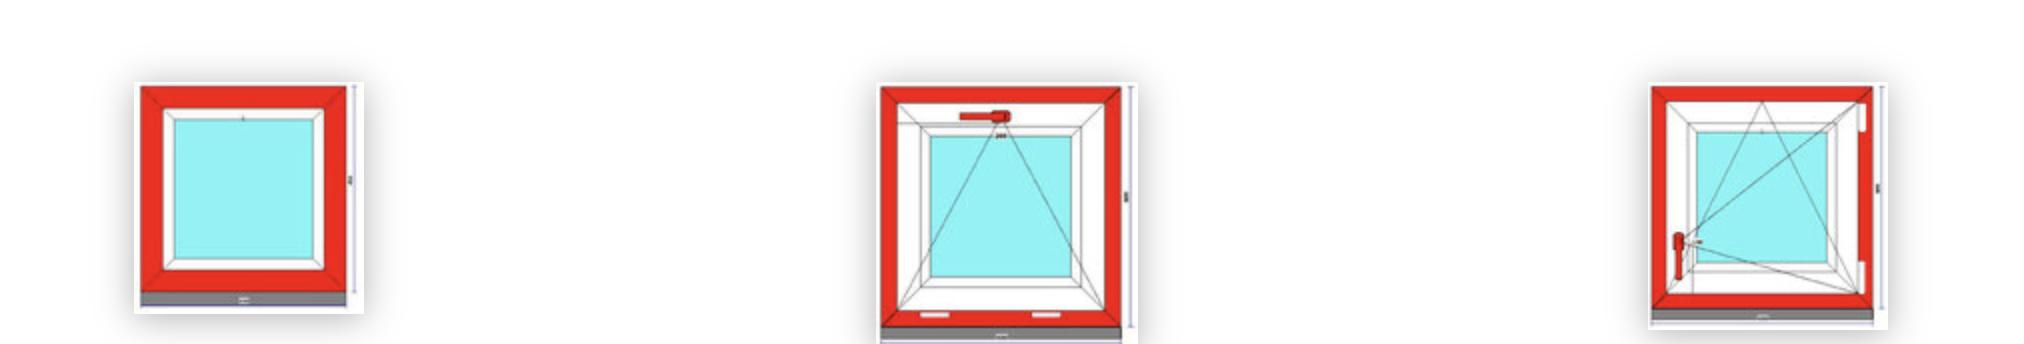 Ablak szerkezete, nyitási lehetőségei